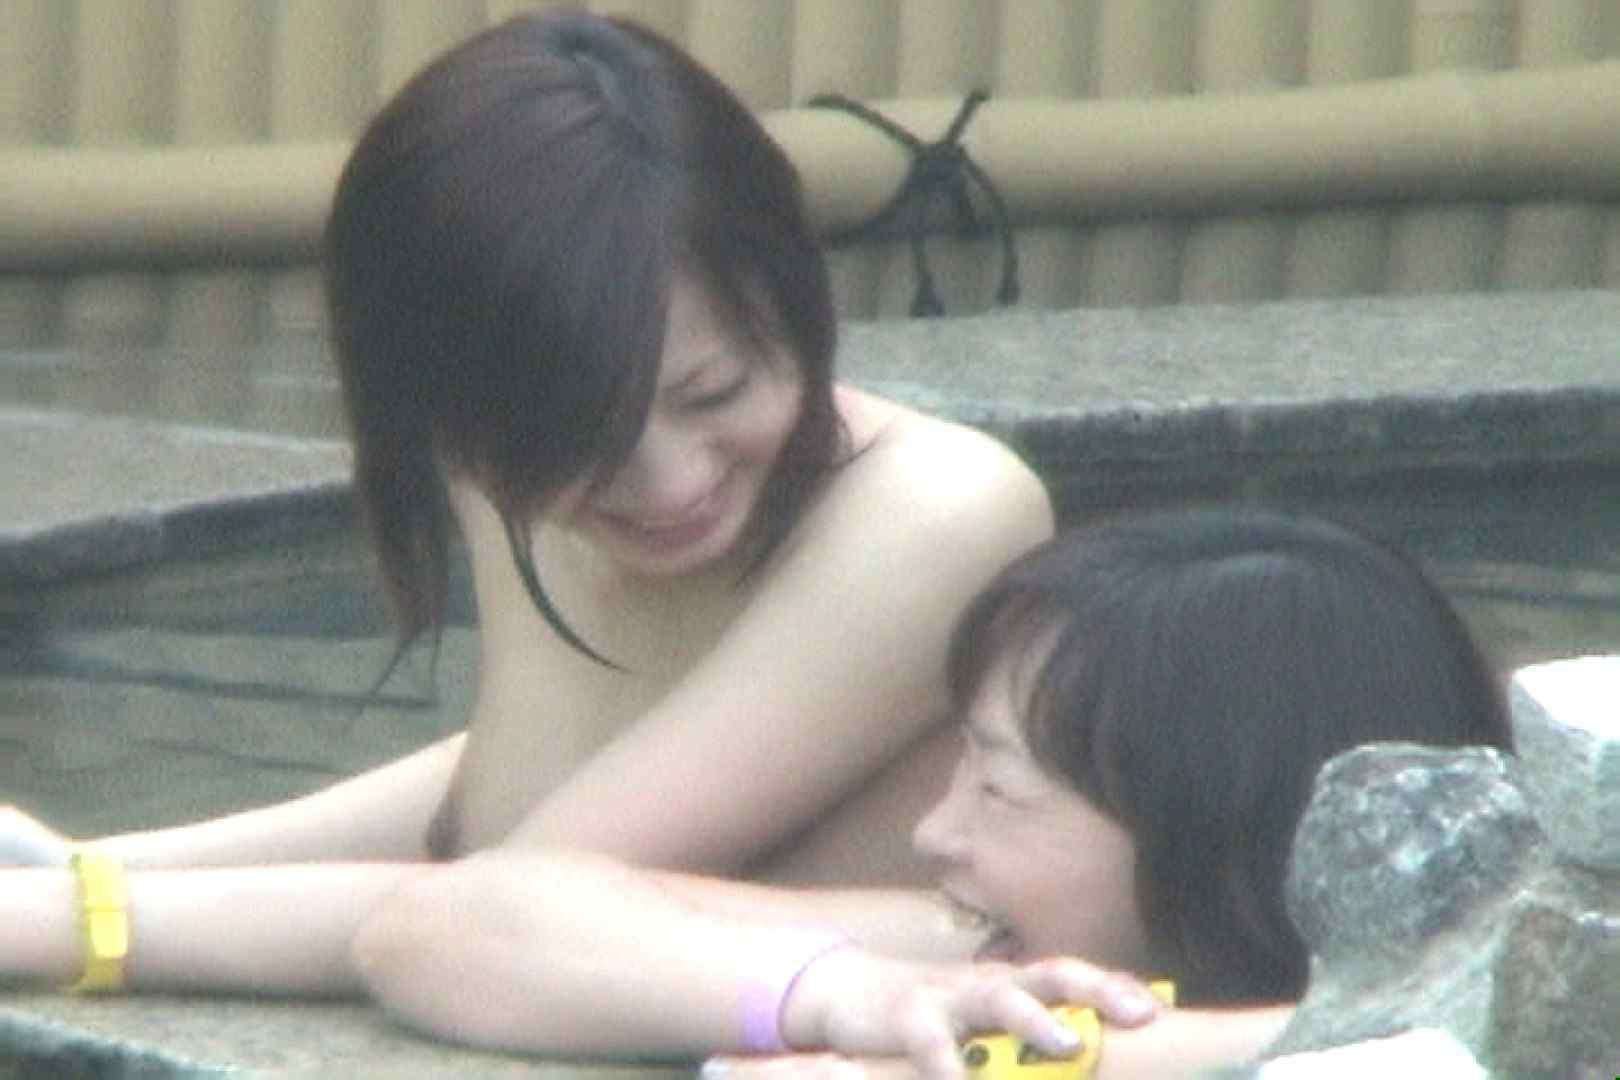 Aquaな露天風呂Vol.58【VIP限定】 美しいOLの裸体  97pic 90